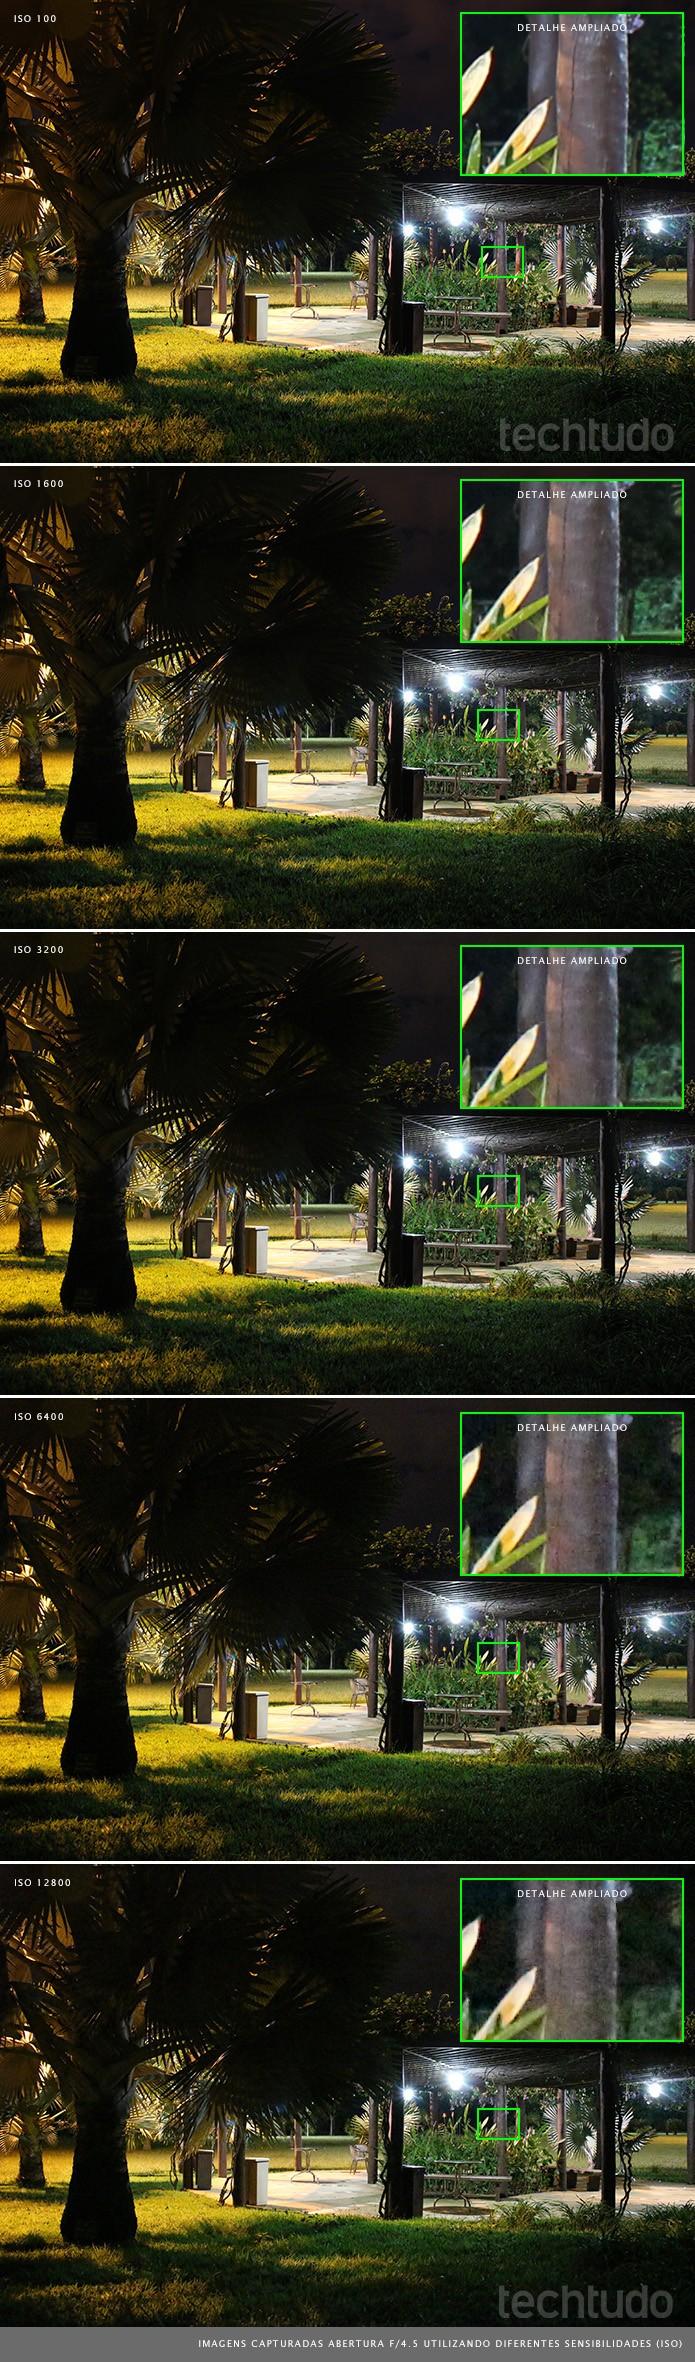 Imagens obtidas com altas sensibilidades apresentam nível mínimo de ruído para uma DSLR de entrada (Foto: Adriano Hamaguchi/TechTudo)